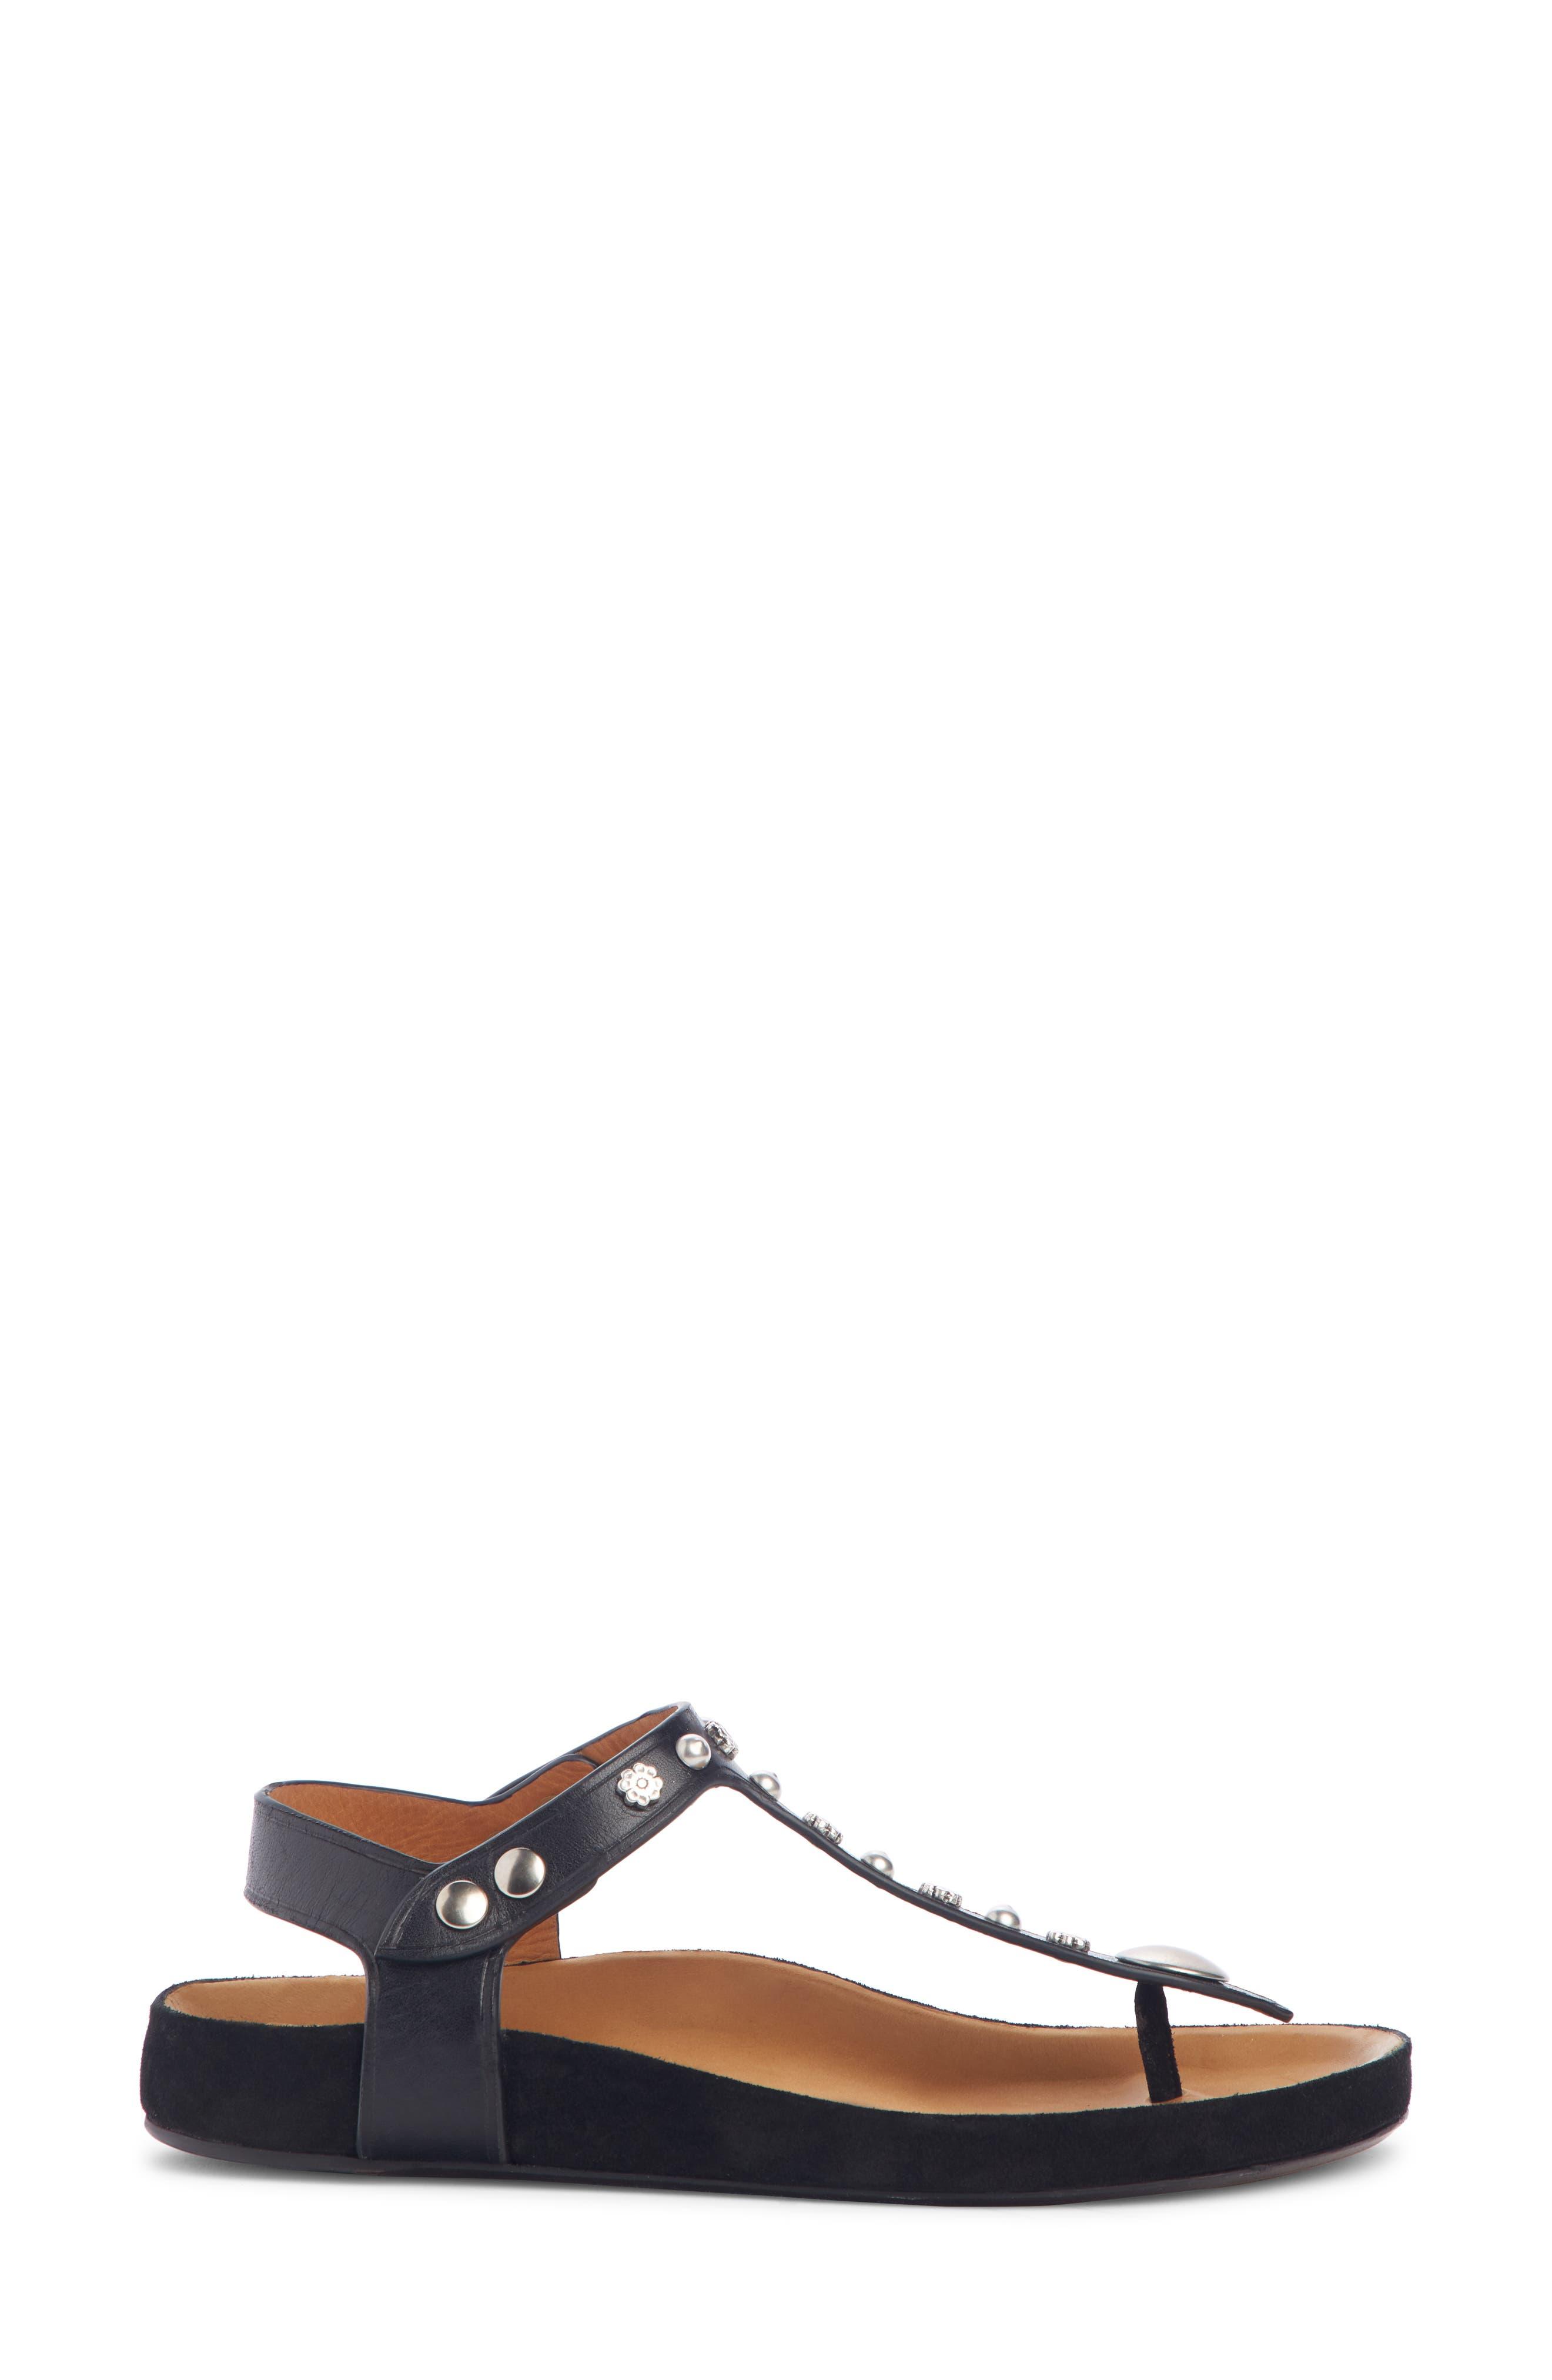 Enore Studded Sandal,                             Alternate thumbnail 3, color,                             BLACK